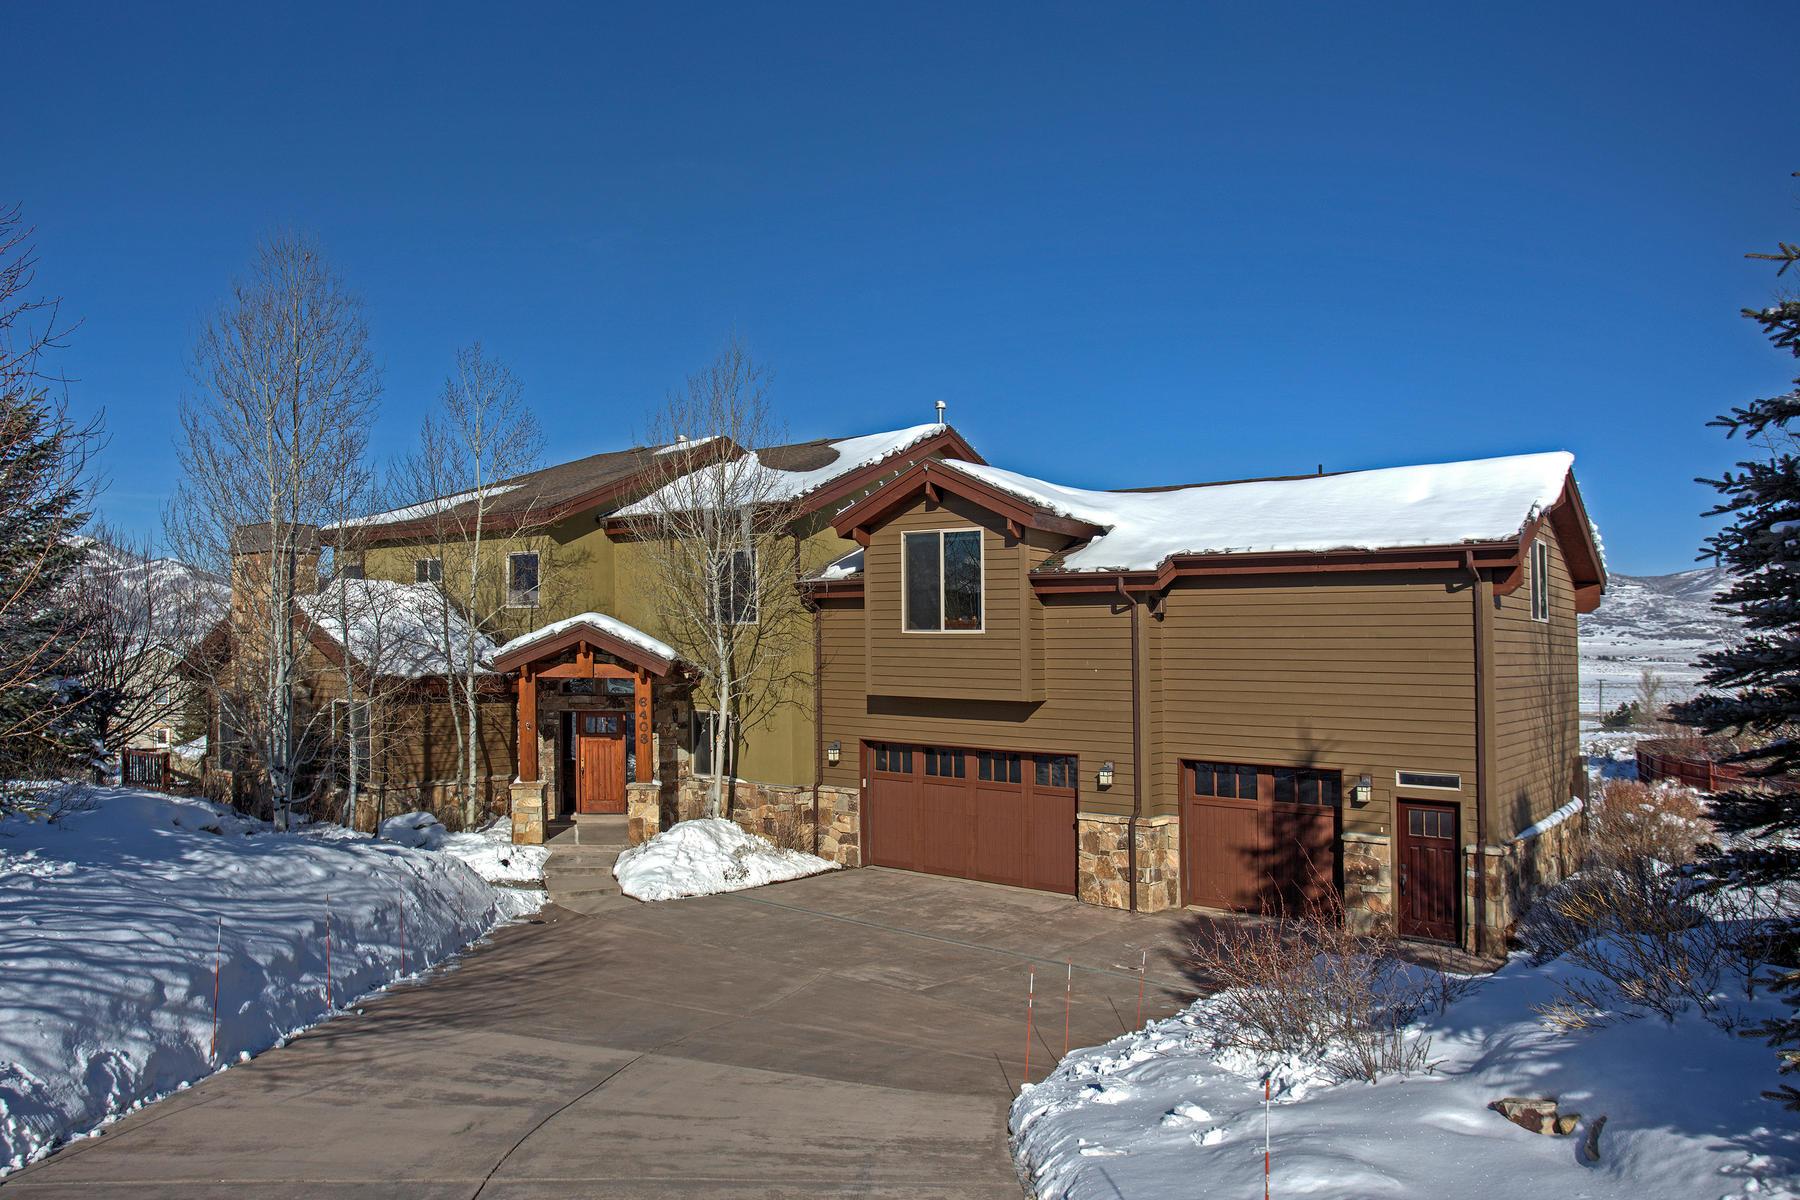 Nhà ở một gia đình vì Bán tại Sophisticated Style, Spectacular Ski Resort Views 6403 N Snow View Dr Park City, Utah, 84098 Hoa Kỳ